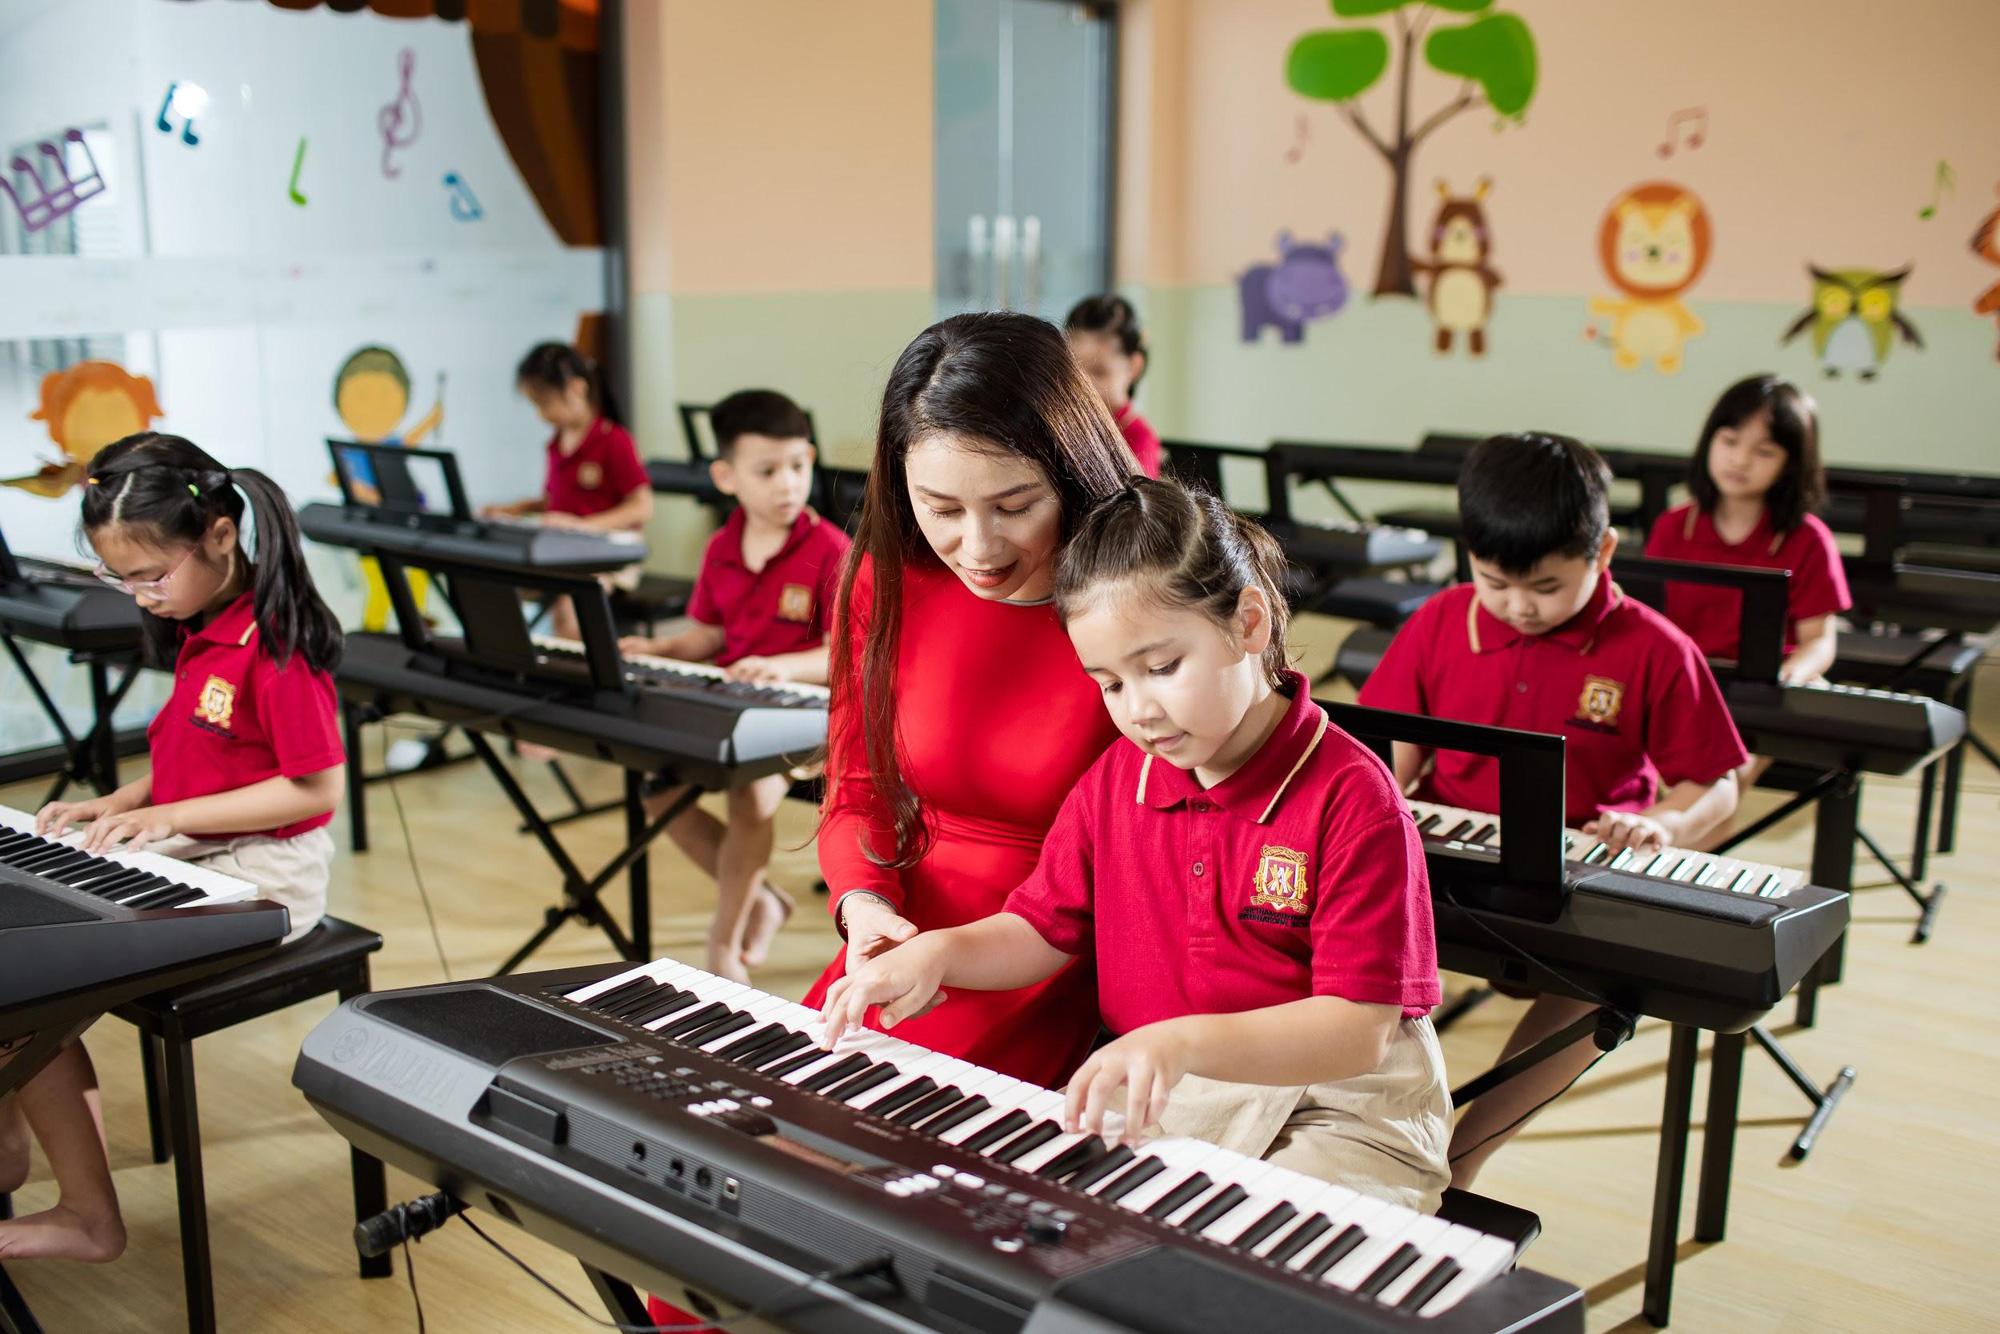 Thỏa sức vui học, khám phá và phát triển kỹ năng tại Trại hè Anh ngữ VAS - Ảnh 3.